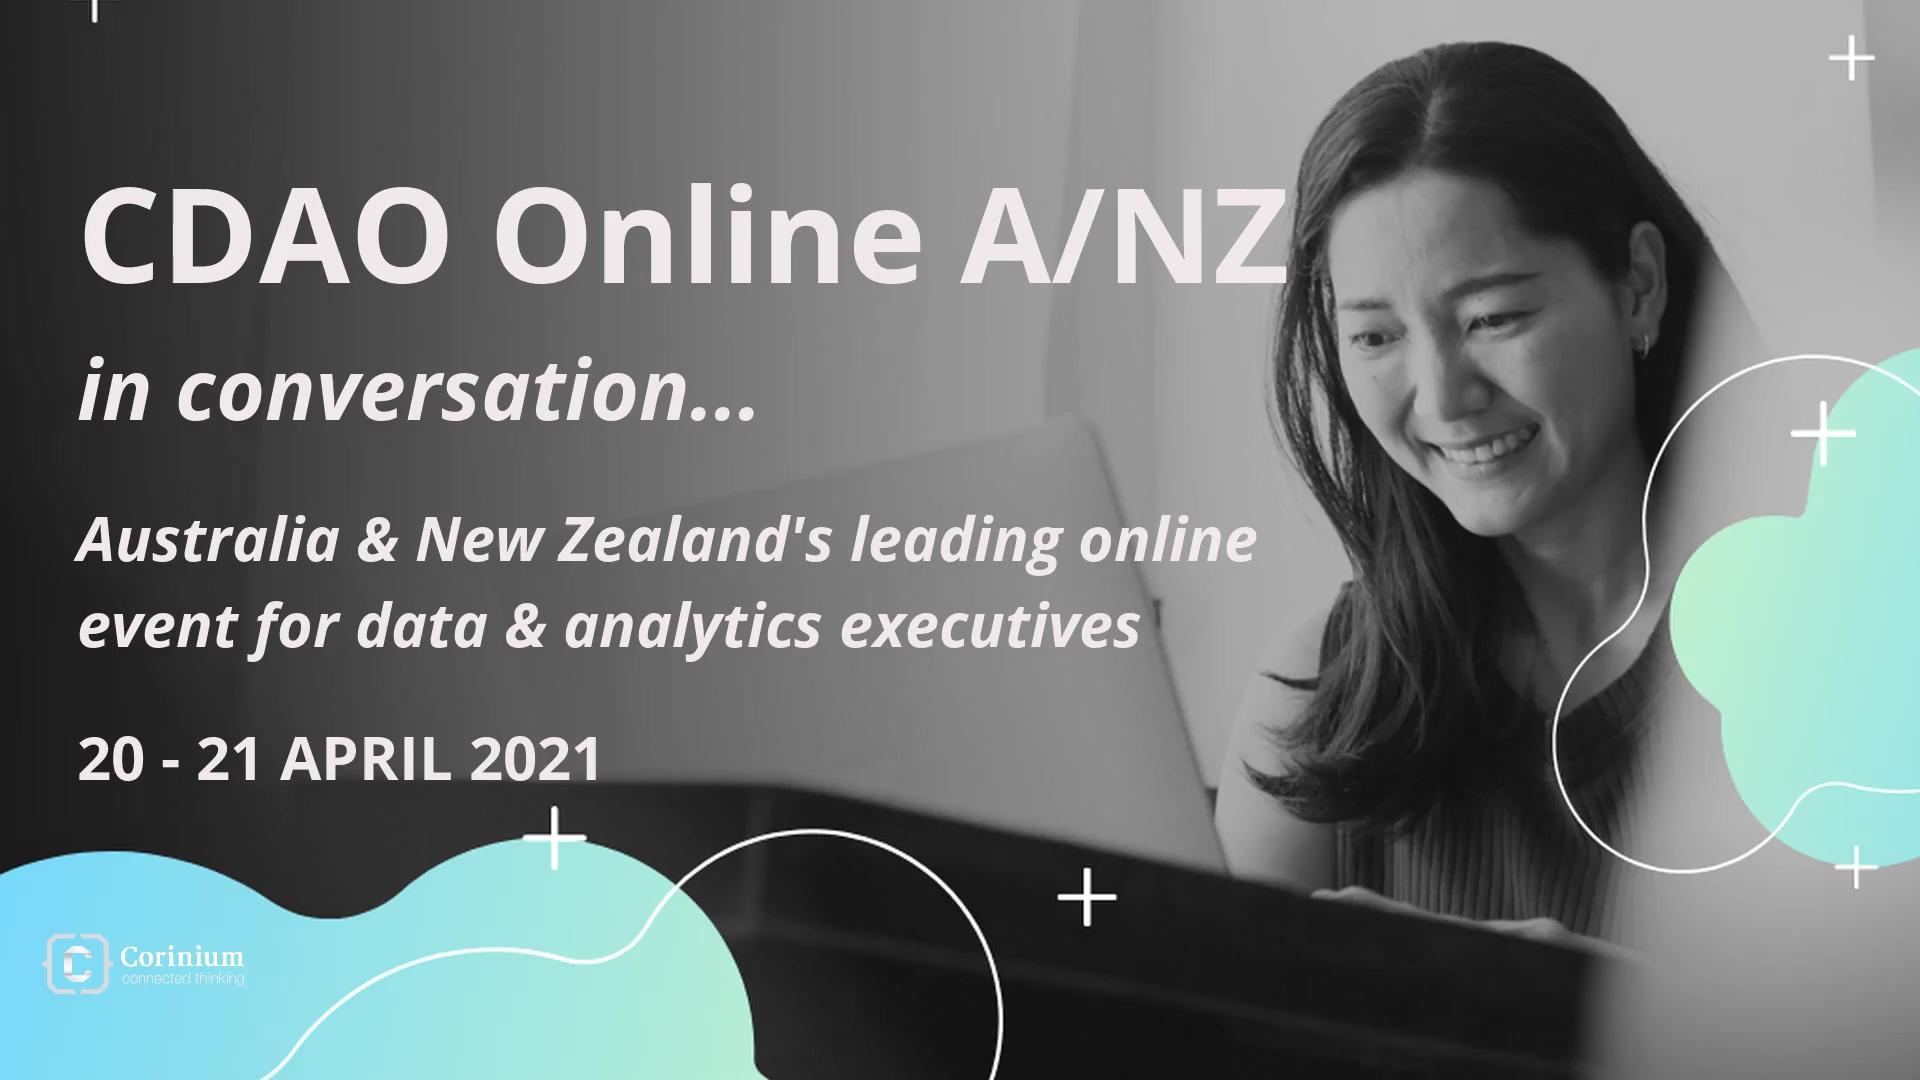 0624-cdao-anz-in-conversation FINAL website